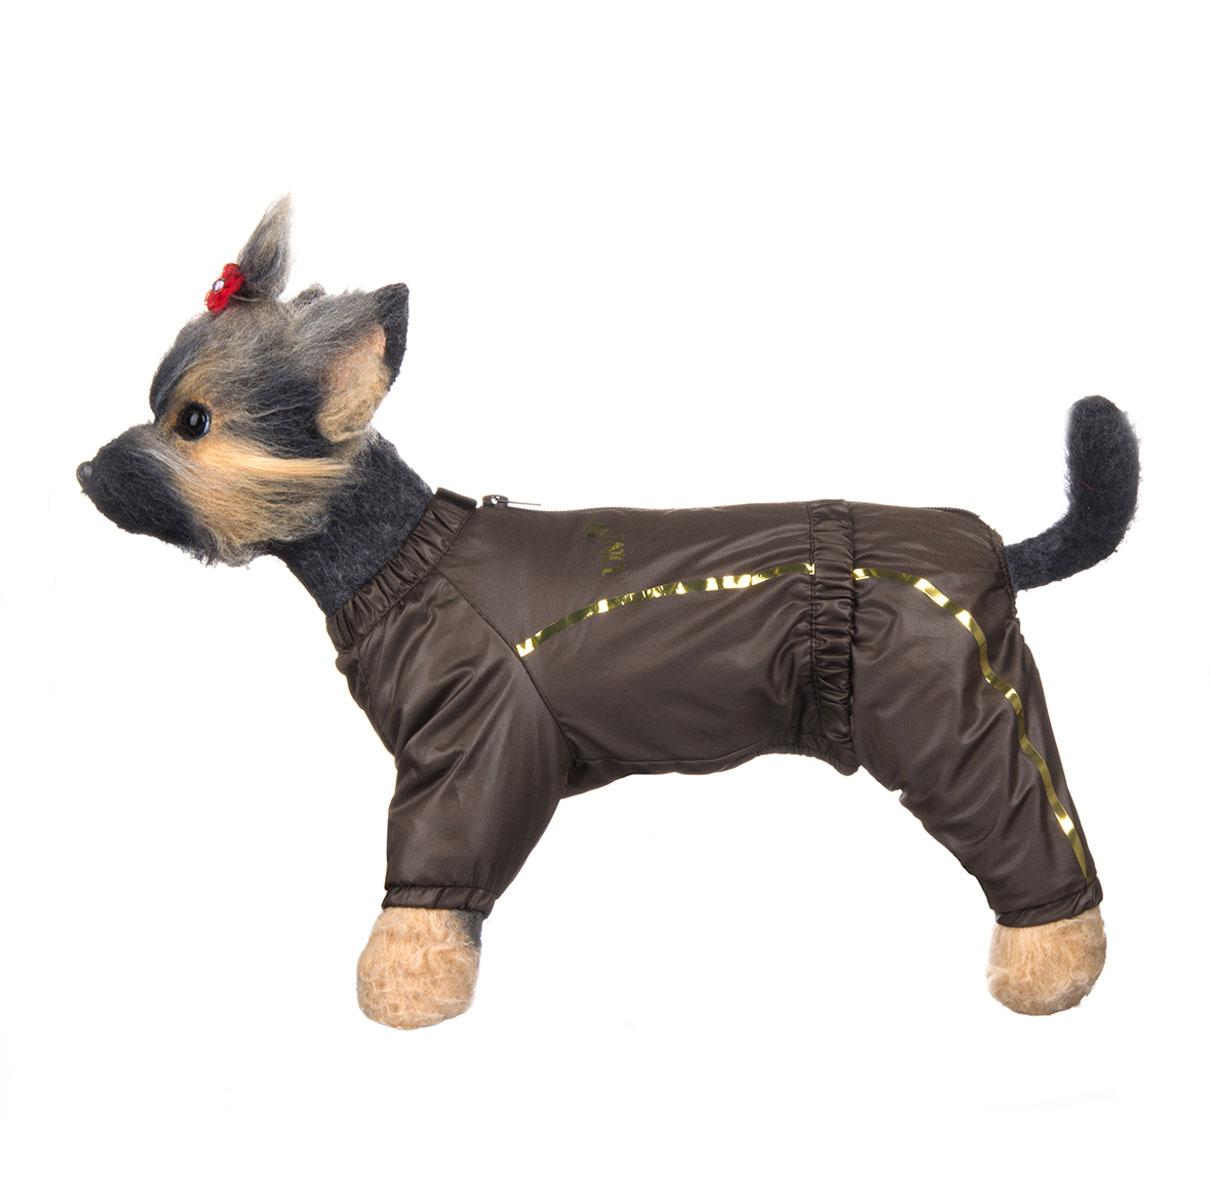 Комбинезон для собак Dogmoda Альпы, зимний, для мальчика, цвет: коричневый, бежевый. Размер 1 (S)DM-150352-1Зимний комбинезон для собак Dogmoda Альпы отлично подойдет для прогулок в зимнее время года.Комбинезон изготовлен из полиэстера, защищающего от ветра и снега, с утеплителем из синтепона, который сохранит тепло даже в сильные морозы, а на подкладке используется искусственный мех, который обеспечивает отличный воздухообмен. Комбинезон застегивается на молнию и липучку, благодаря чему его легко надевать и снимать. Ворот, низ рукавов и брючин оснащены внутренними резинками, которые мягко обхватывают шею и лапки, не позволяя просачиваться холодному воздуху. На пояснице имеется внутренняя резинка. Изделие декорировано золотистыми полосками и надписью DM.Благодаря такому комбинезону простуда не грозит вашему питомцу и он сможет испытать не сравнимое удовольствие от снежных игр и забав.